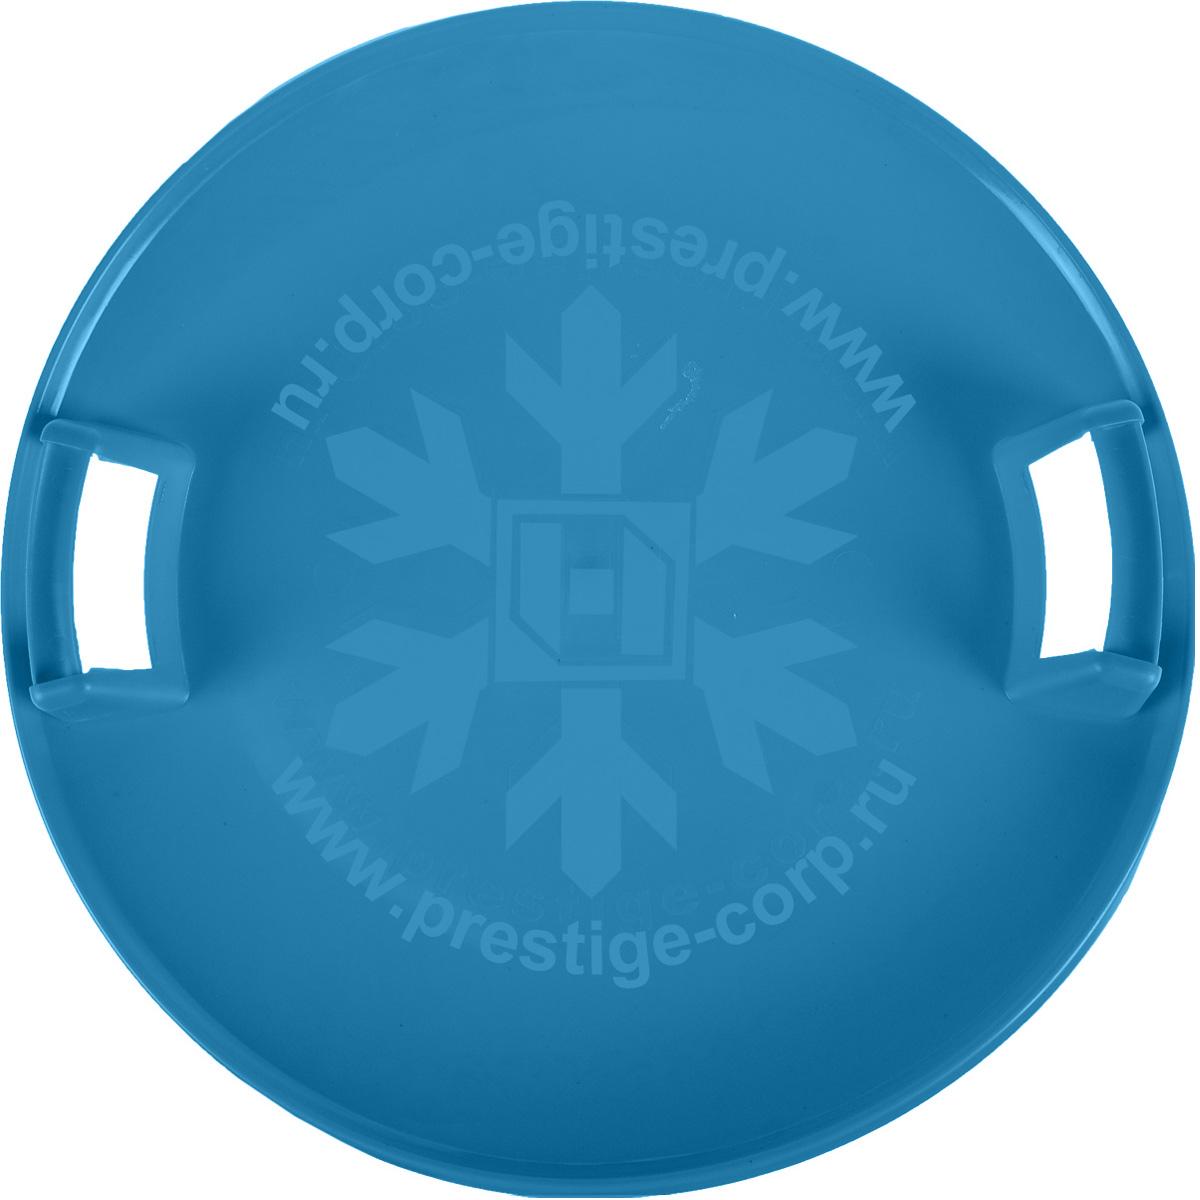 Санки-ледянки Престиж Экстрим, с пластиковыми ручками, цвет: голубой, диаметр 58 см336911Любимая детская зимняя забава - это катание с горки. Яркие санки-ледянки Престиж Экстрим станут незаменимым атрибутом этой веселой детской игры. Санки-ледянки Престиж Экстрим - это специальная пластиковая тарелка, облегчающая скольжение и увеличивающая скорость движения по горке. Круглая ледянка выполнена из прочного морозоустойчивого пластика и снабжена двумя удобными пластиковыми ручками, чтобы катание вашего ребенка было безопасным. Отличная скорость, прочный материал и спуск, который можно закончить сидя спиной к низу горки - вот что может предоставить это изделие! Благодаря малому весу, ледянку, в отличие от обычных санок, легко нести с собой даже ребенку.Зимние игры на свежем воздухе. Статья OZON Гид